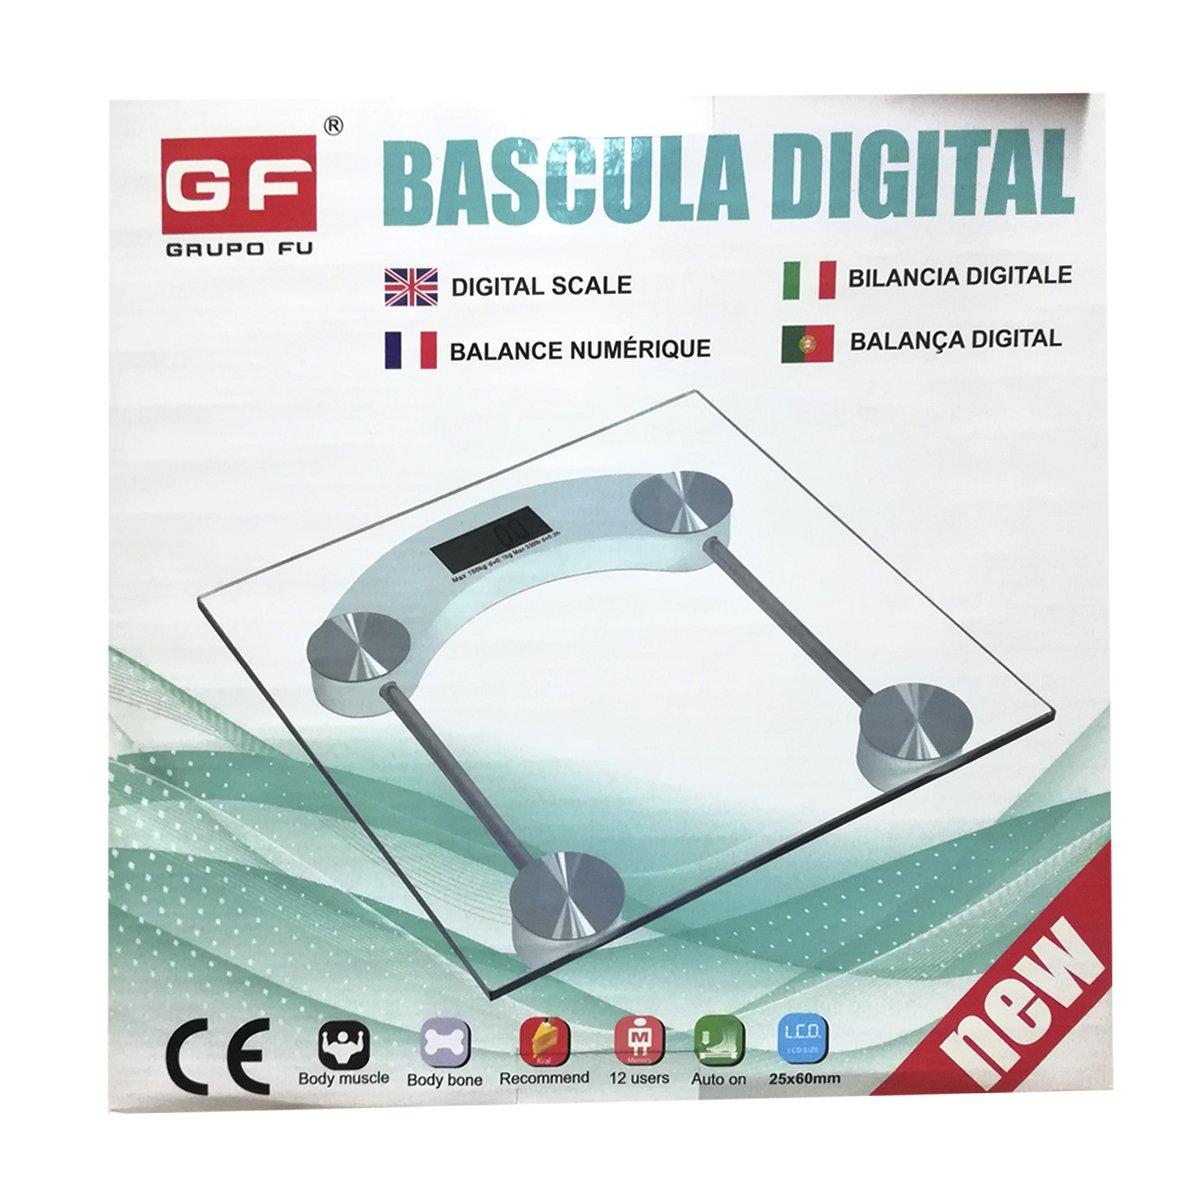 Cisne 2013, S.L. Bascula de Baño Digital Cuadrada diseño Transparente con pantalla LCD: Amazon.es: Hogar